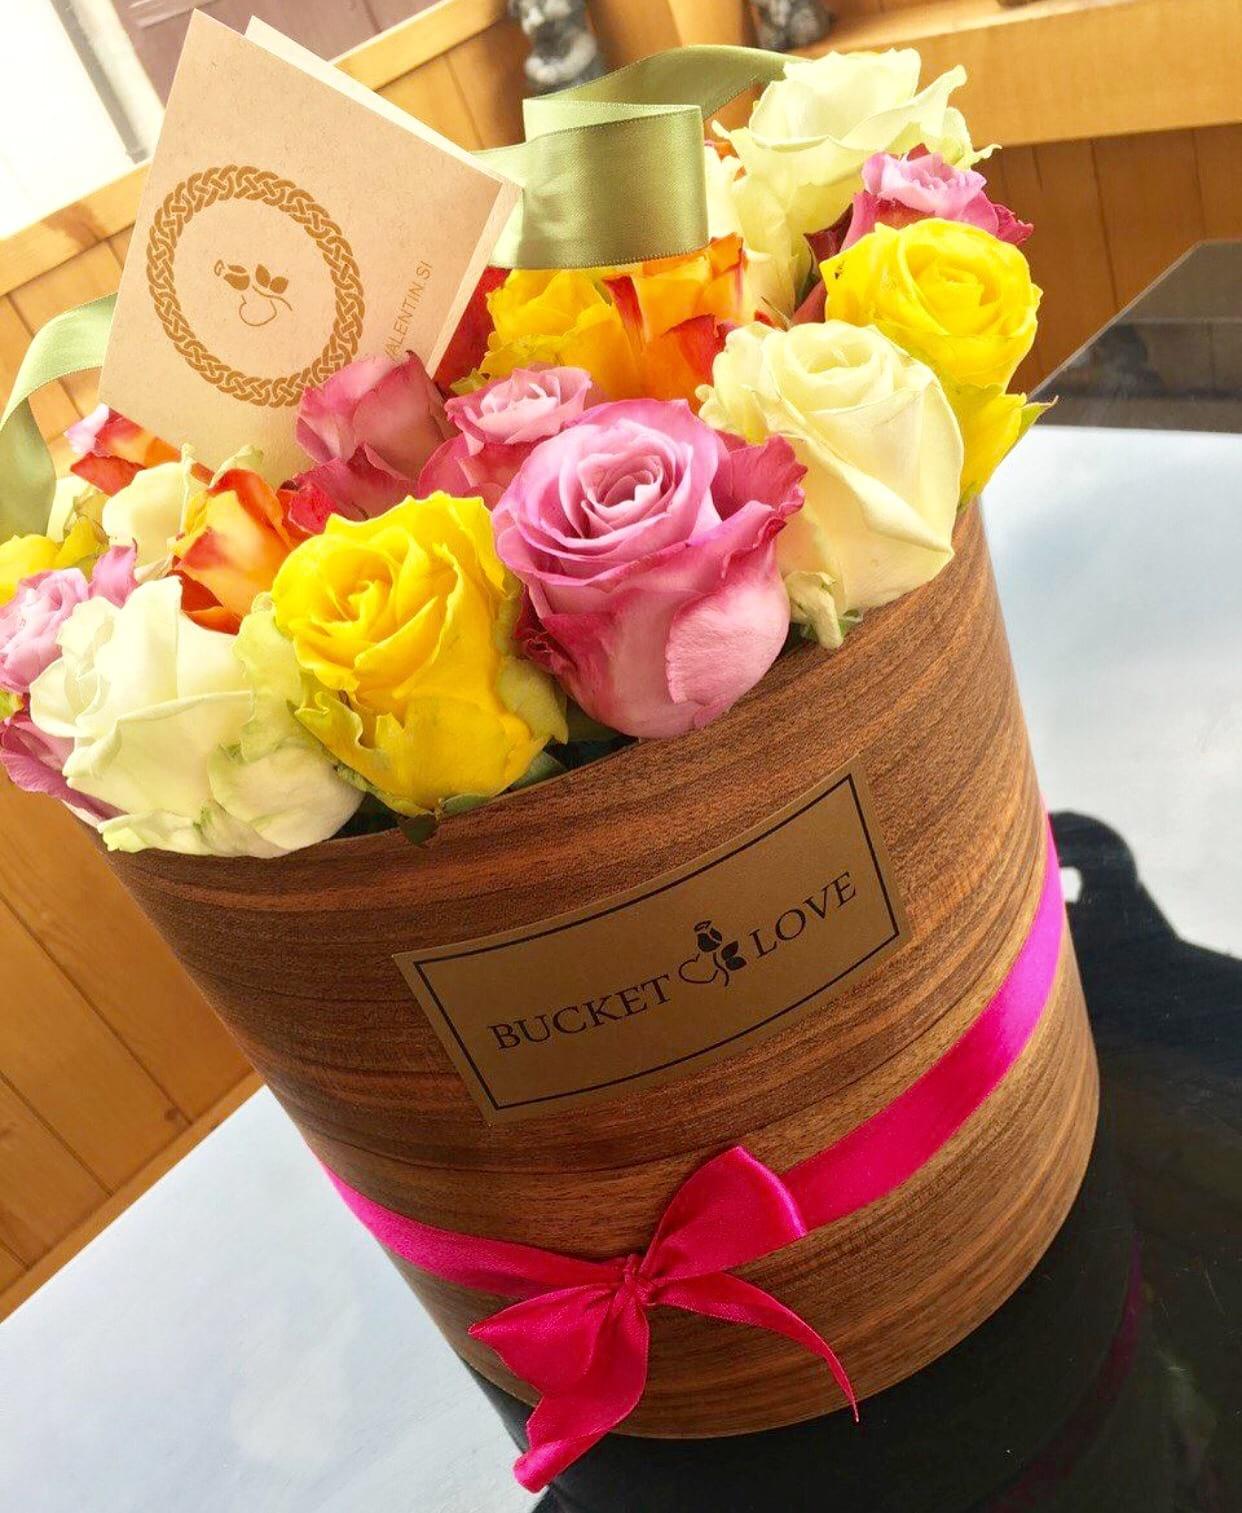 Bucket Of Love Bucket Of Love Online Flower Shop